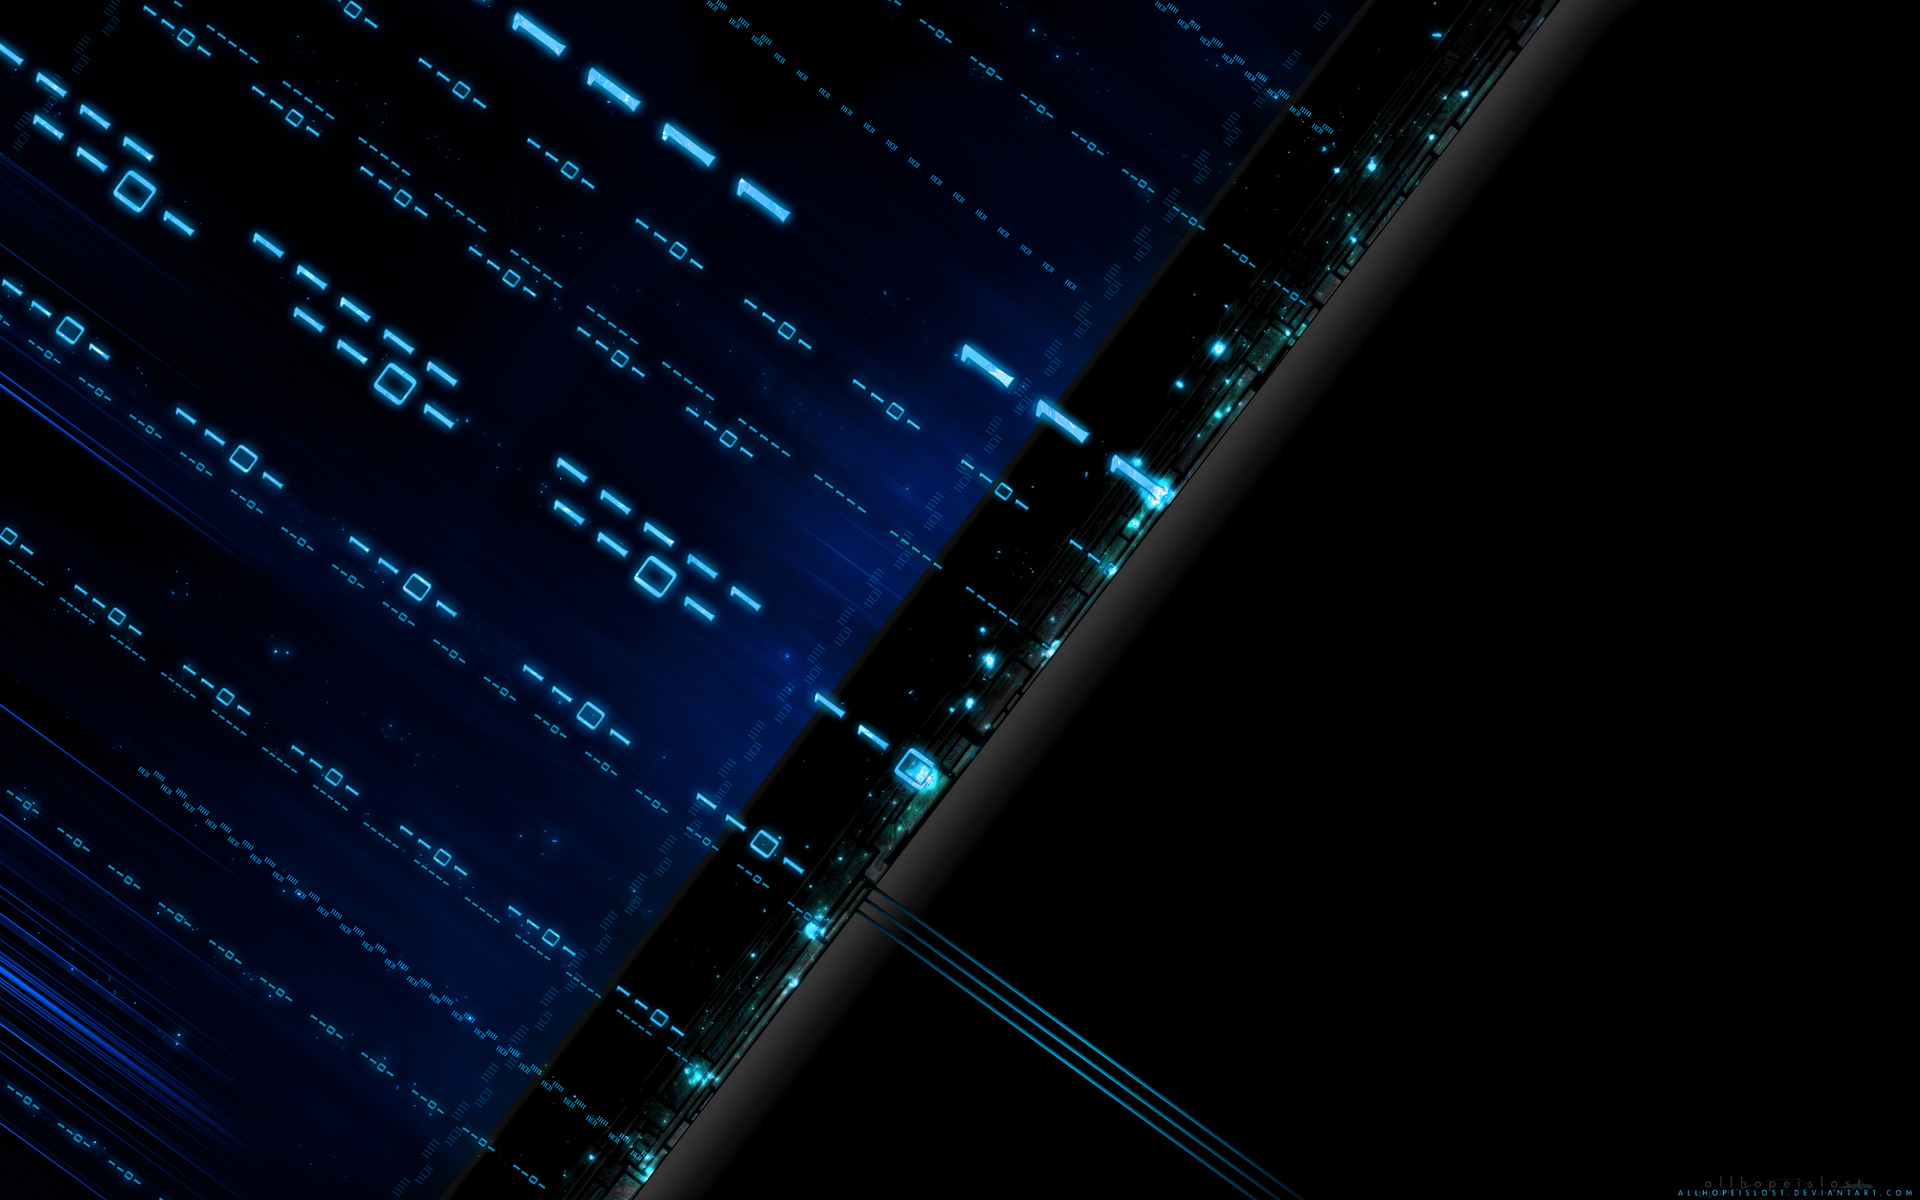 Fondos Abstractos II ADNFriki (8)